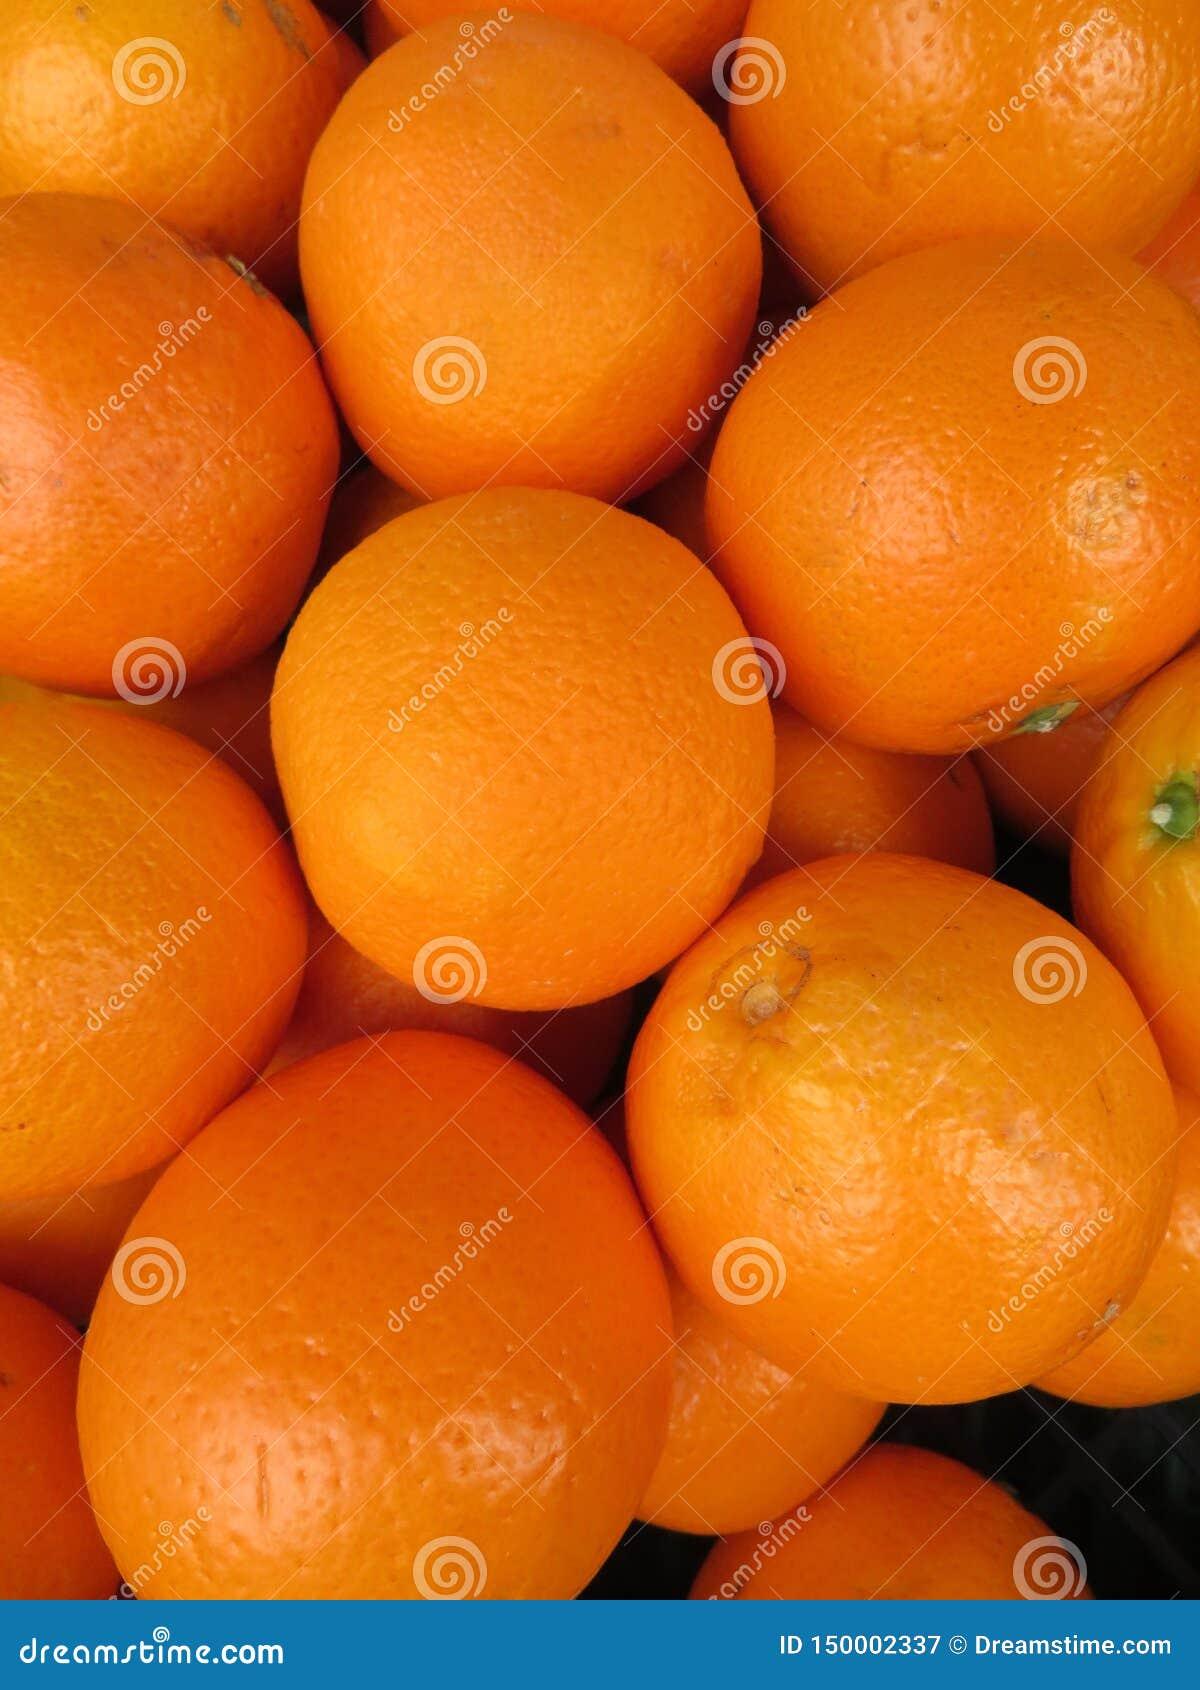 Mooie sinaasappelen van een ongelooflijke kleur en een heerlijk aroma